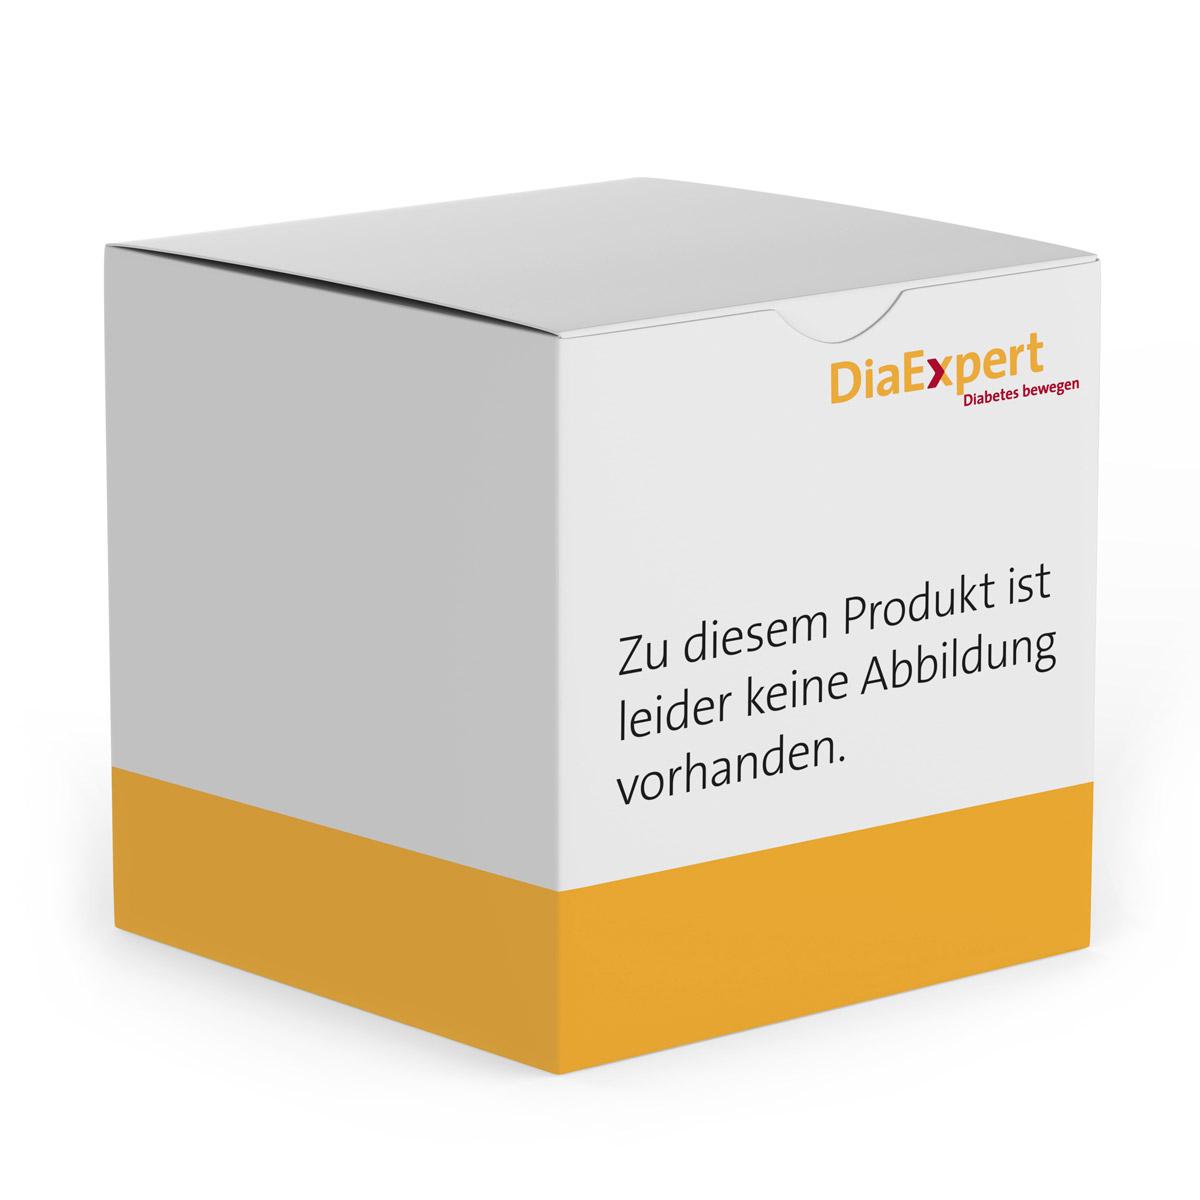 Accu-Chek Mobile Set III mmol/L - Gerät zur Blutzuckermessung.